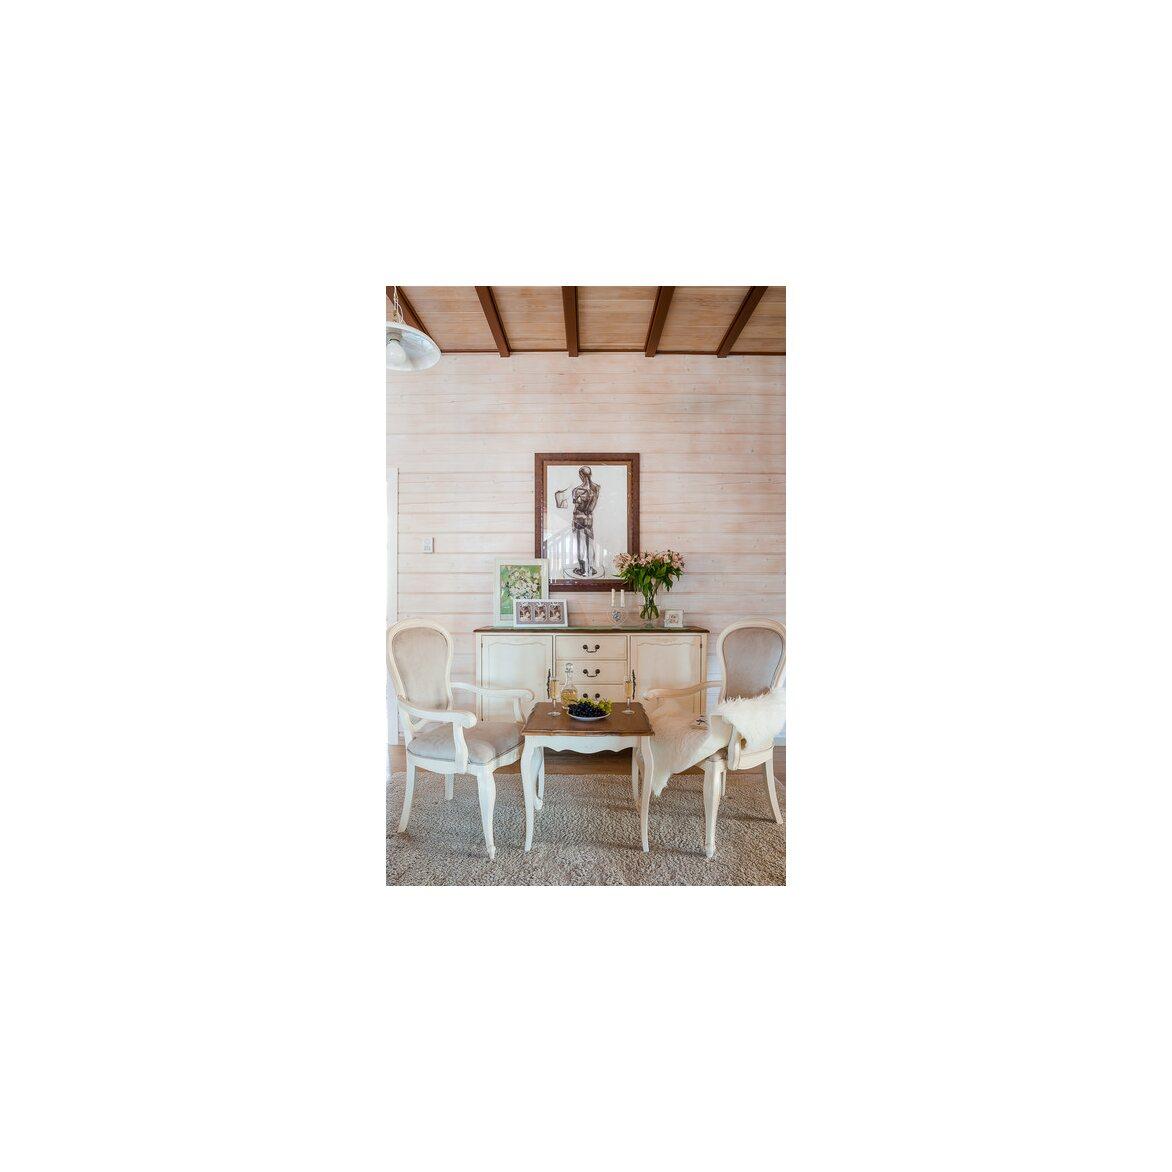 Чайный столик (квадратный) Leontina, бежевого цвета 2 | Журнальные столики Kingsby